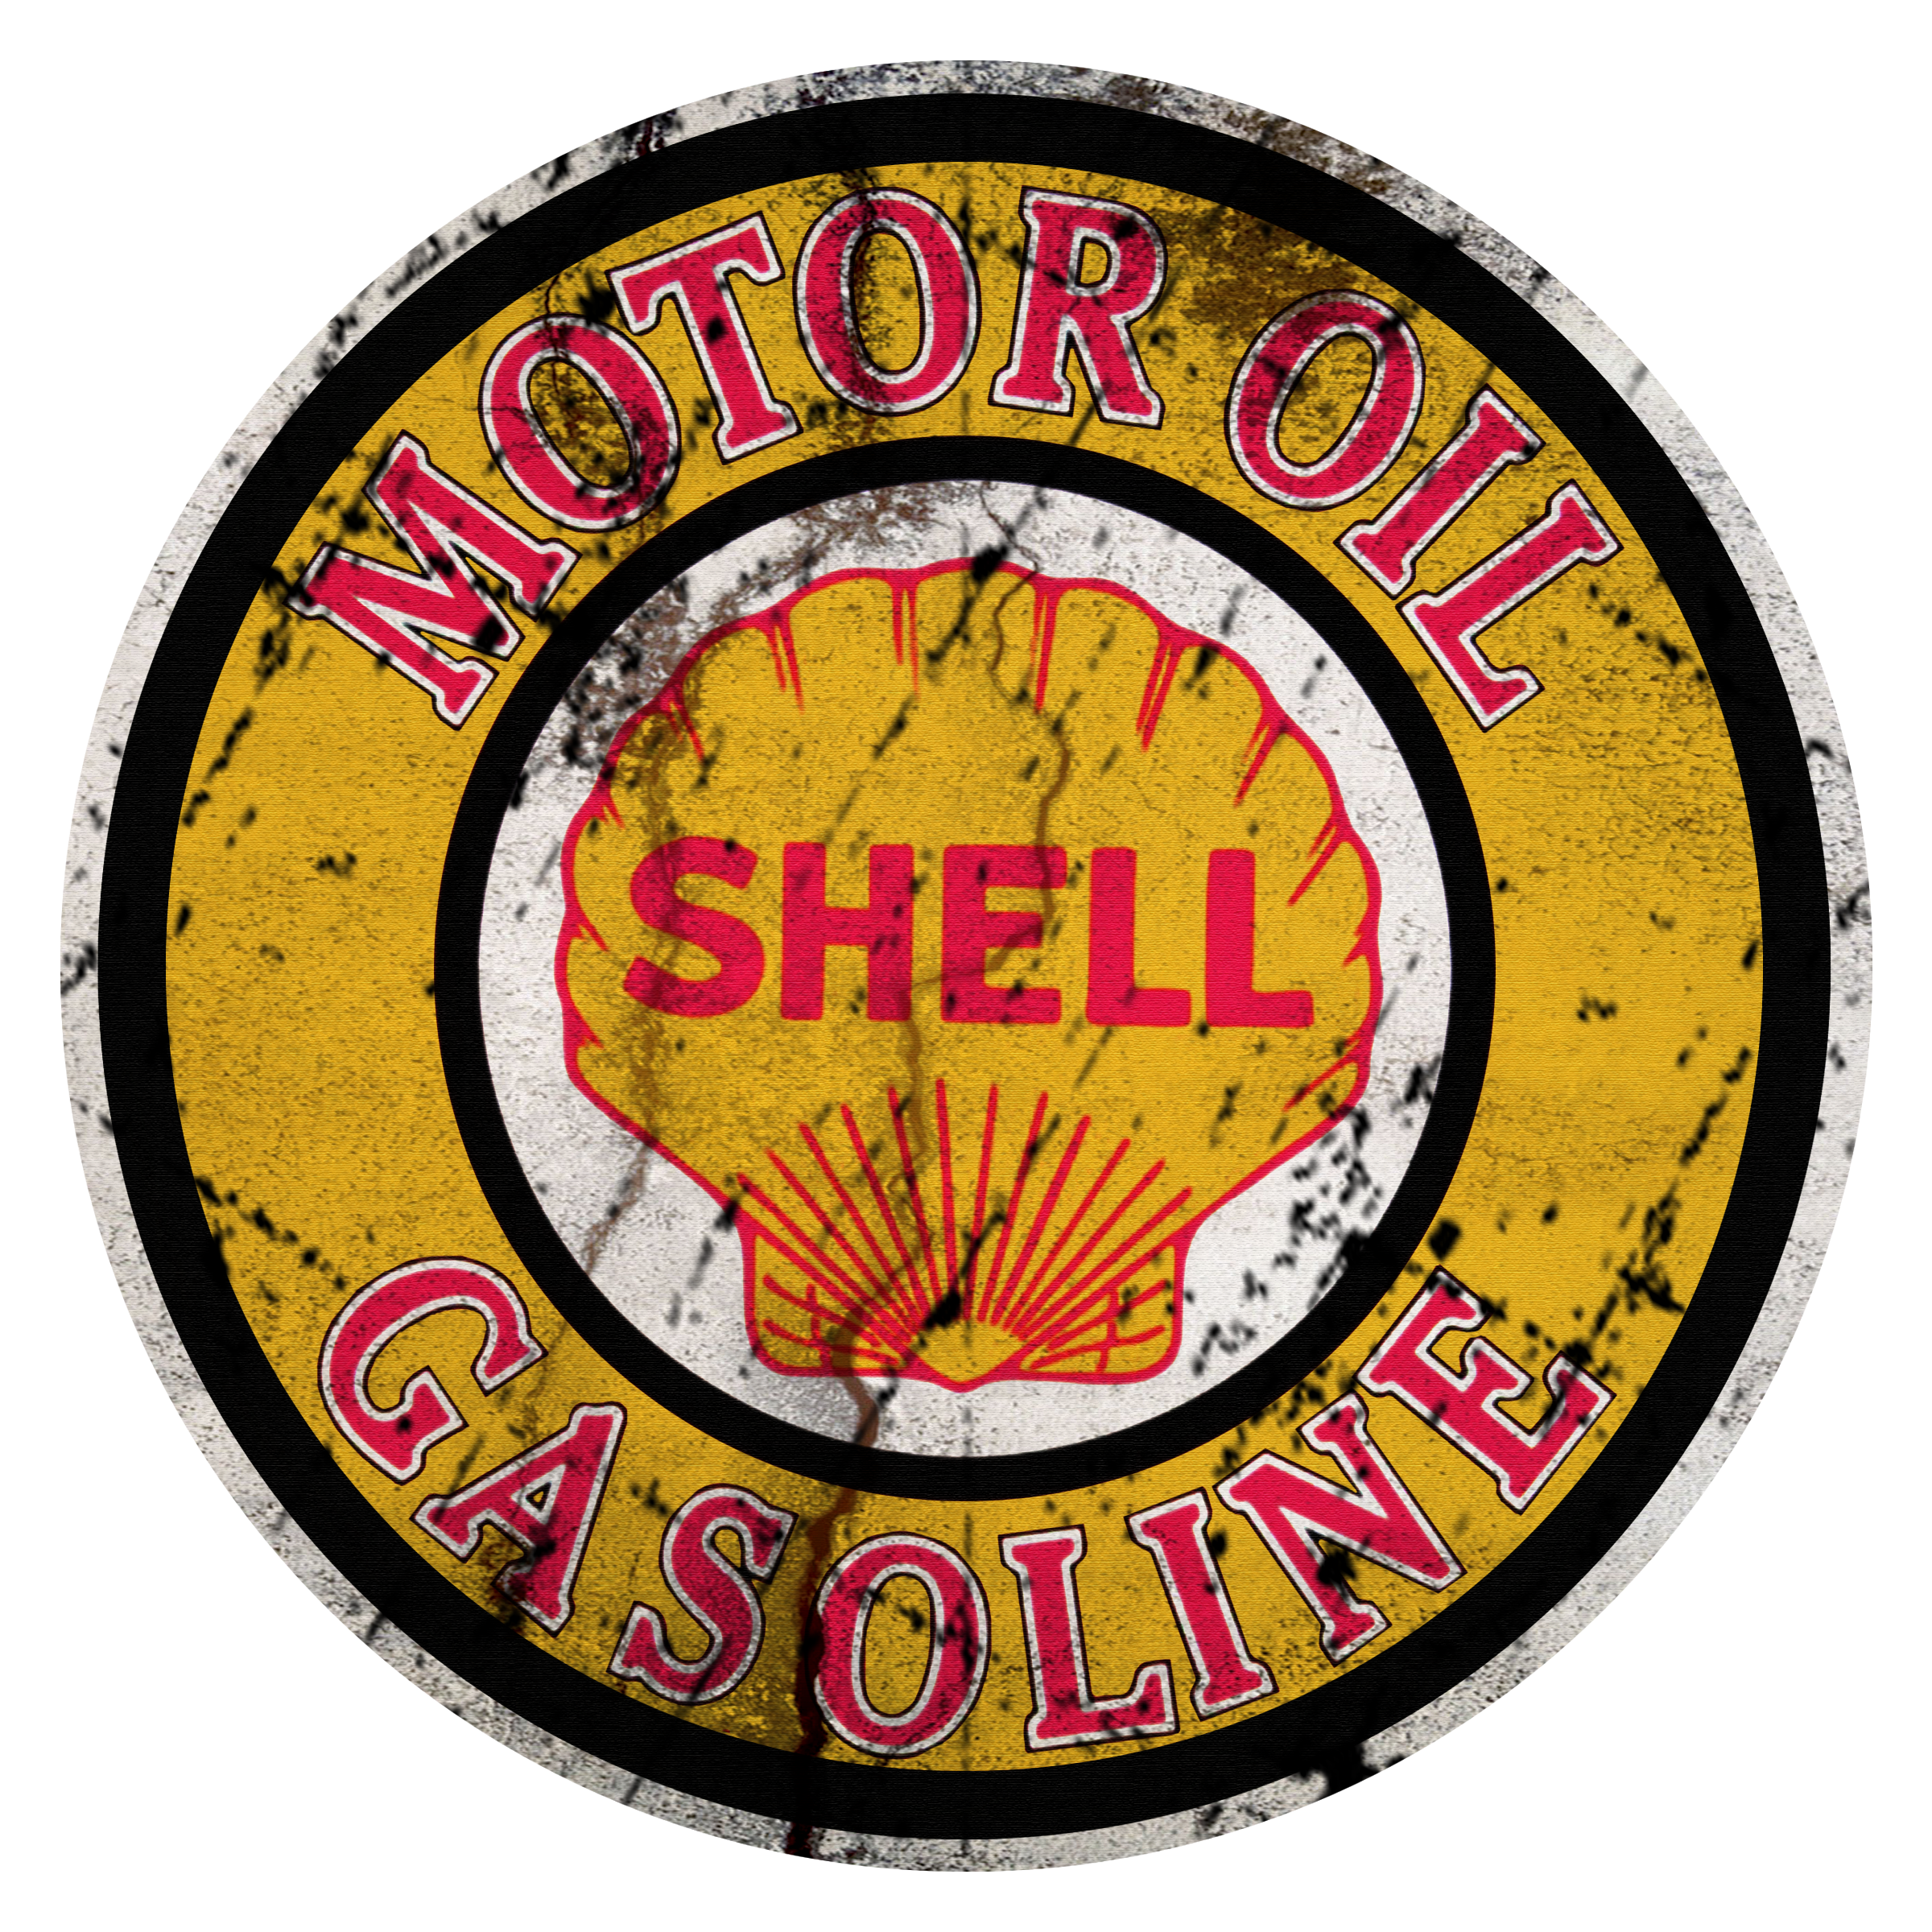 vintage shell motor oil sign vintage oil amp gas signs